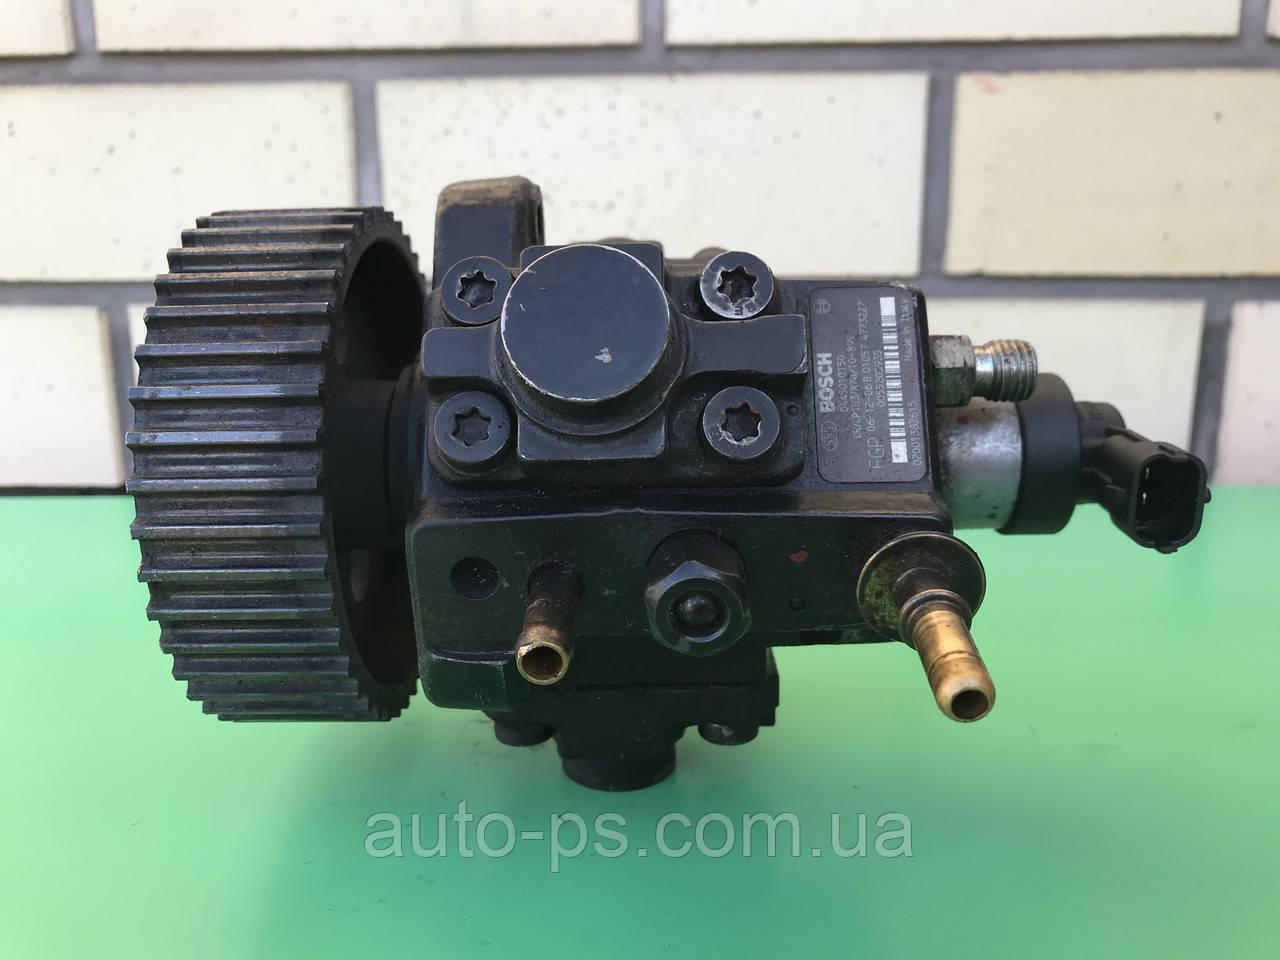 Топливный насос высокого давления (ТНВД) Lancia Musa 1.3D Multijet 2006-2012 год